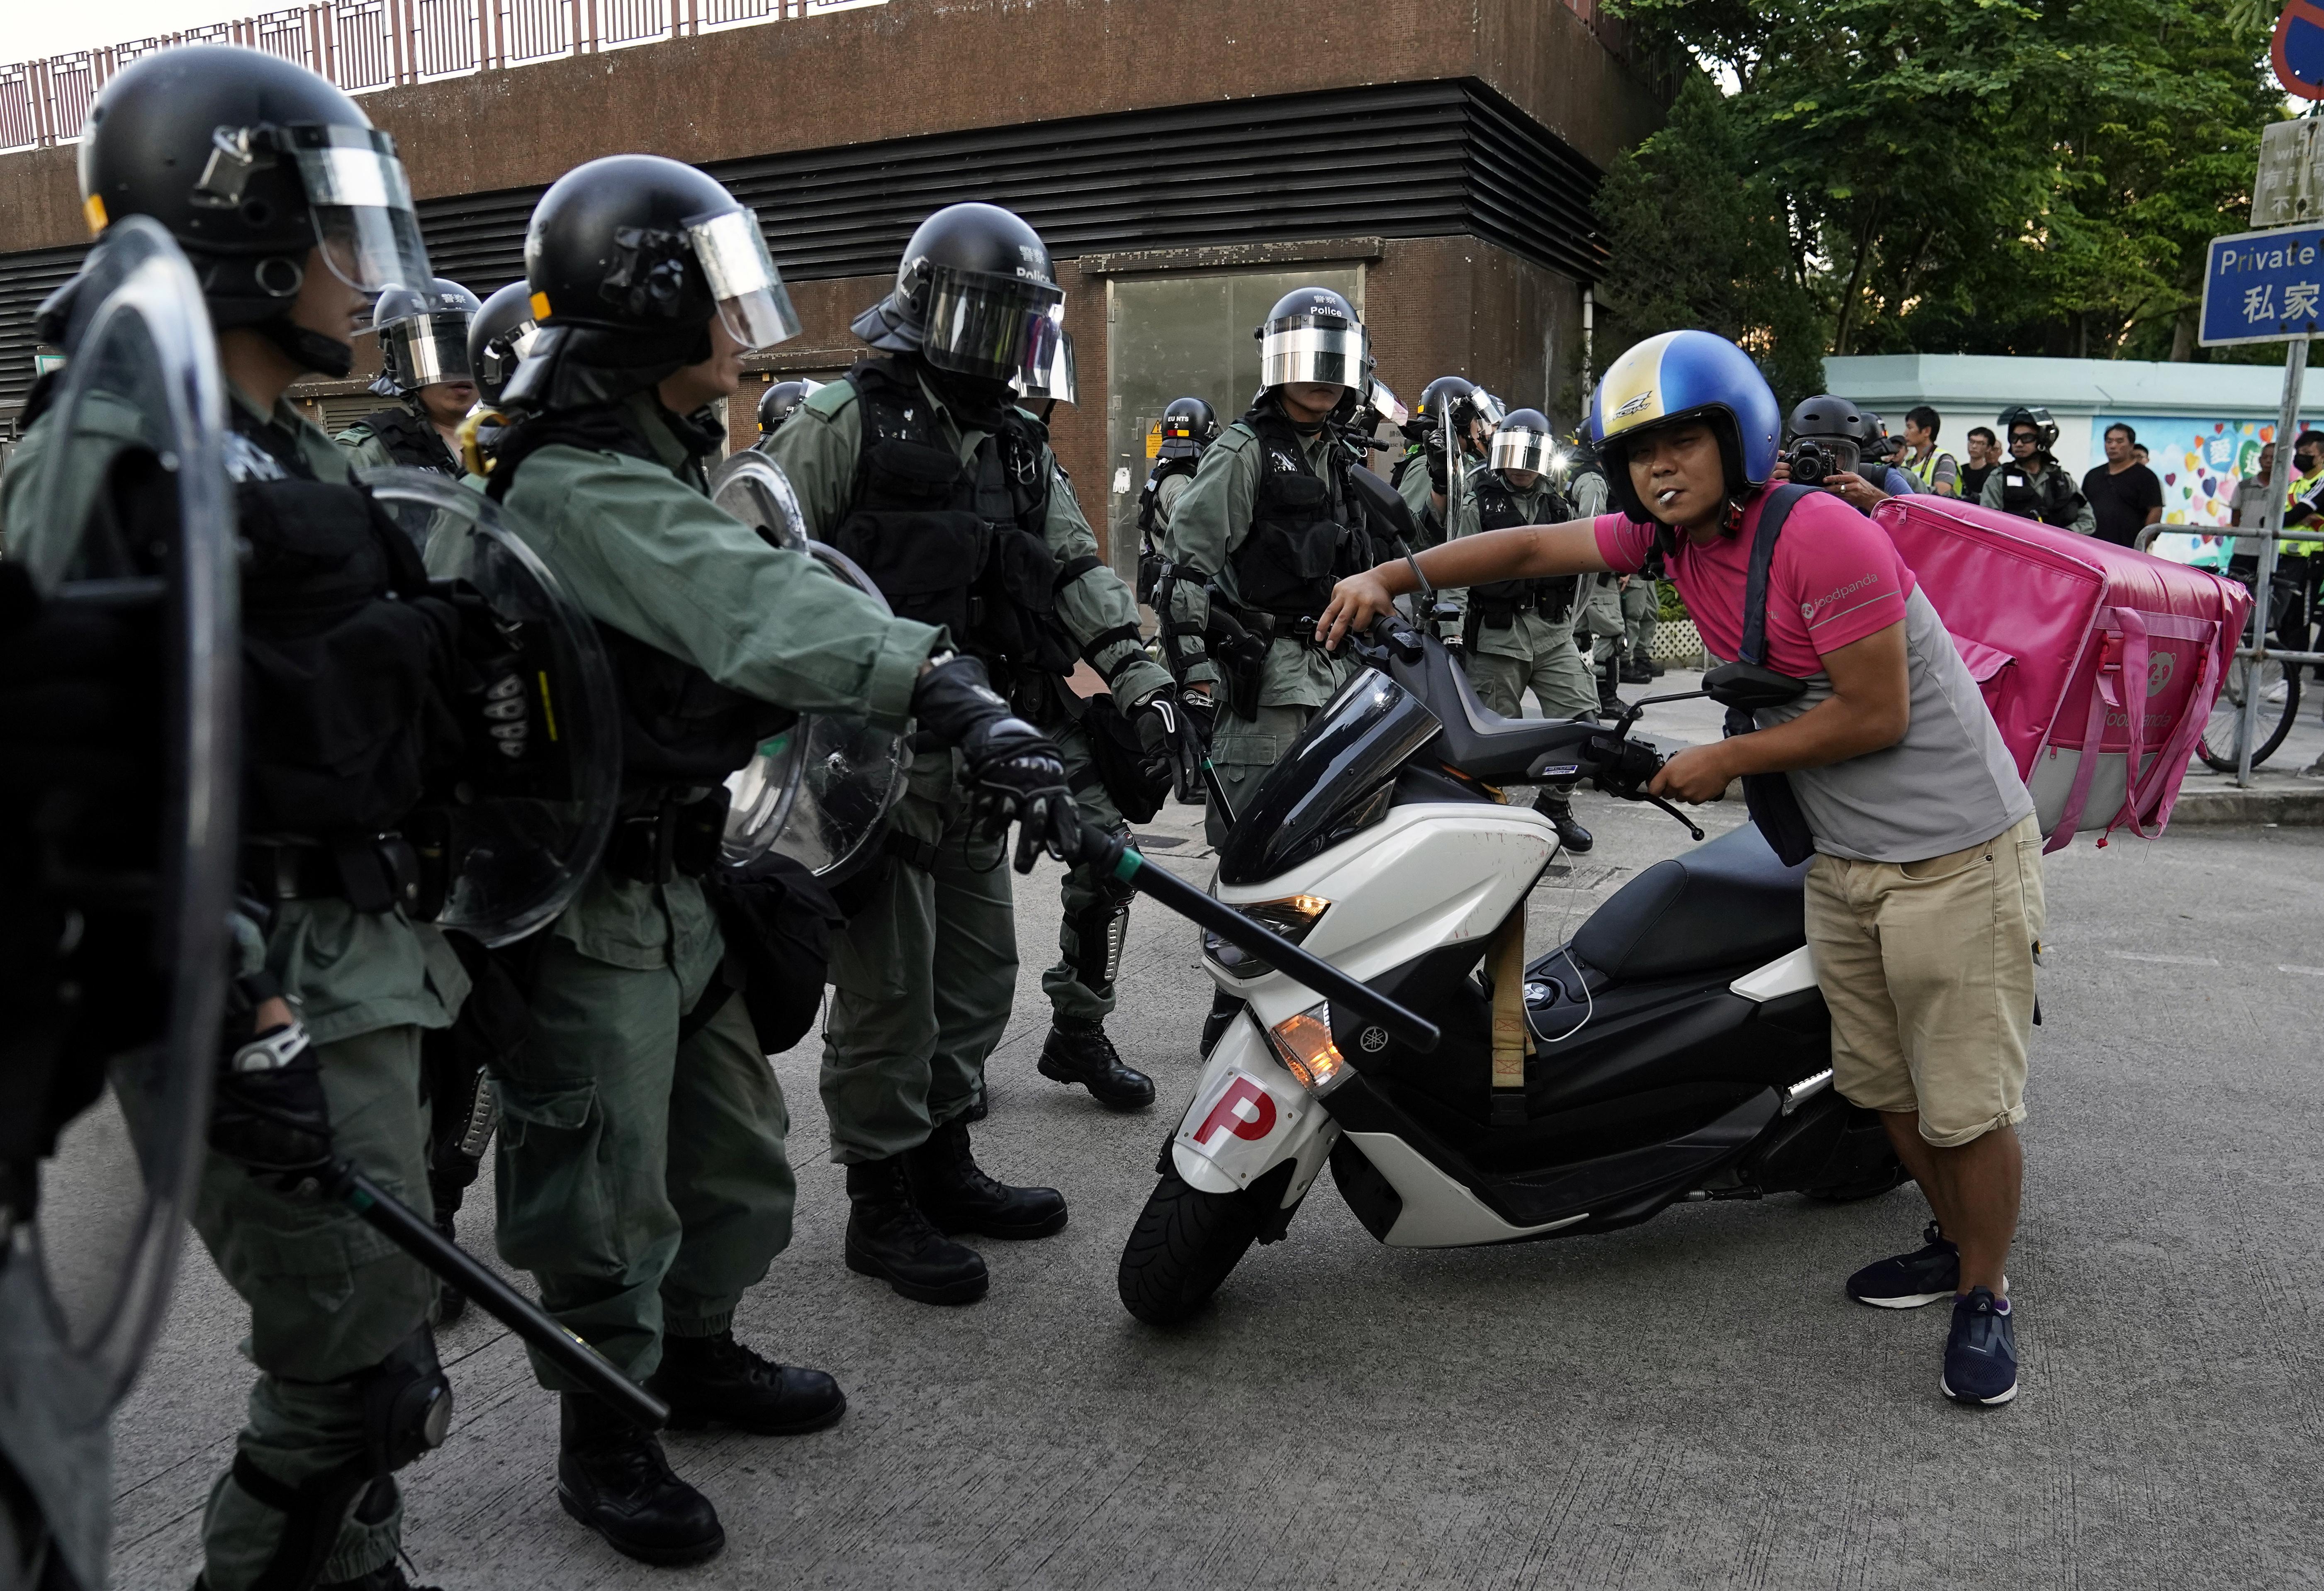 الشرطة تغلق بعض الطرق وخفض حركة وسائل النقل العام التي توصل إلى مطار هونغ كونغ